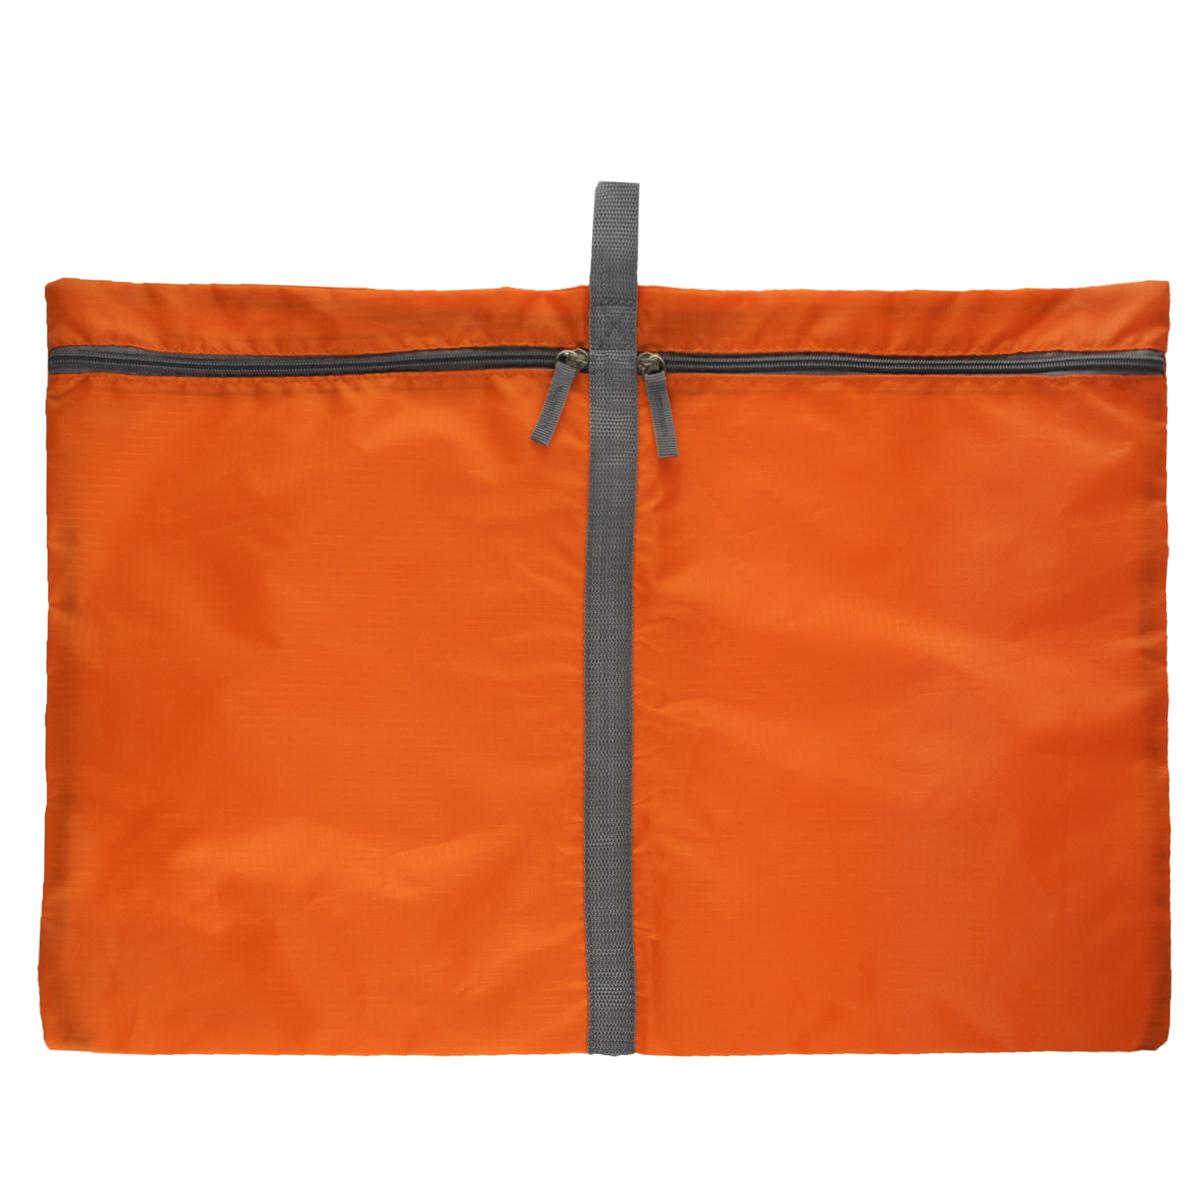 Чехол для белья Hausmann, 60 х 40 смБрелок для ключейУдобный чехол Hausmann, выполненный из прочного дышащего и водонепроницаемого материала, обеспечит надежное хранение вашего белья, защитит от повреждений во время хранения и транспортировки. Особая фактура ткани не пропускает пыль и при этом позволяет воздуху свободно проникать внутрь, обеспечивая естественную вентиляцию.Чехла имеют петлю, за которую его можно повесить. Чехол разделен на два отделения, которые закрываются на молнию. Он будет незаменим в командировке или бизнес-поездке.